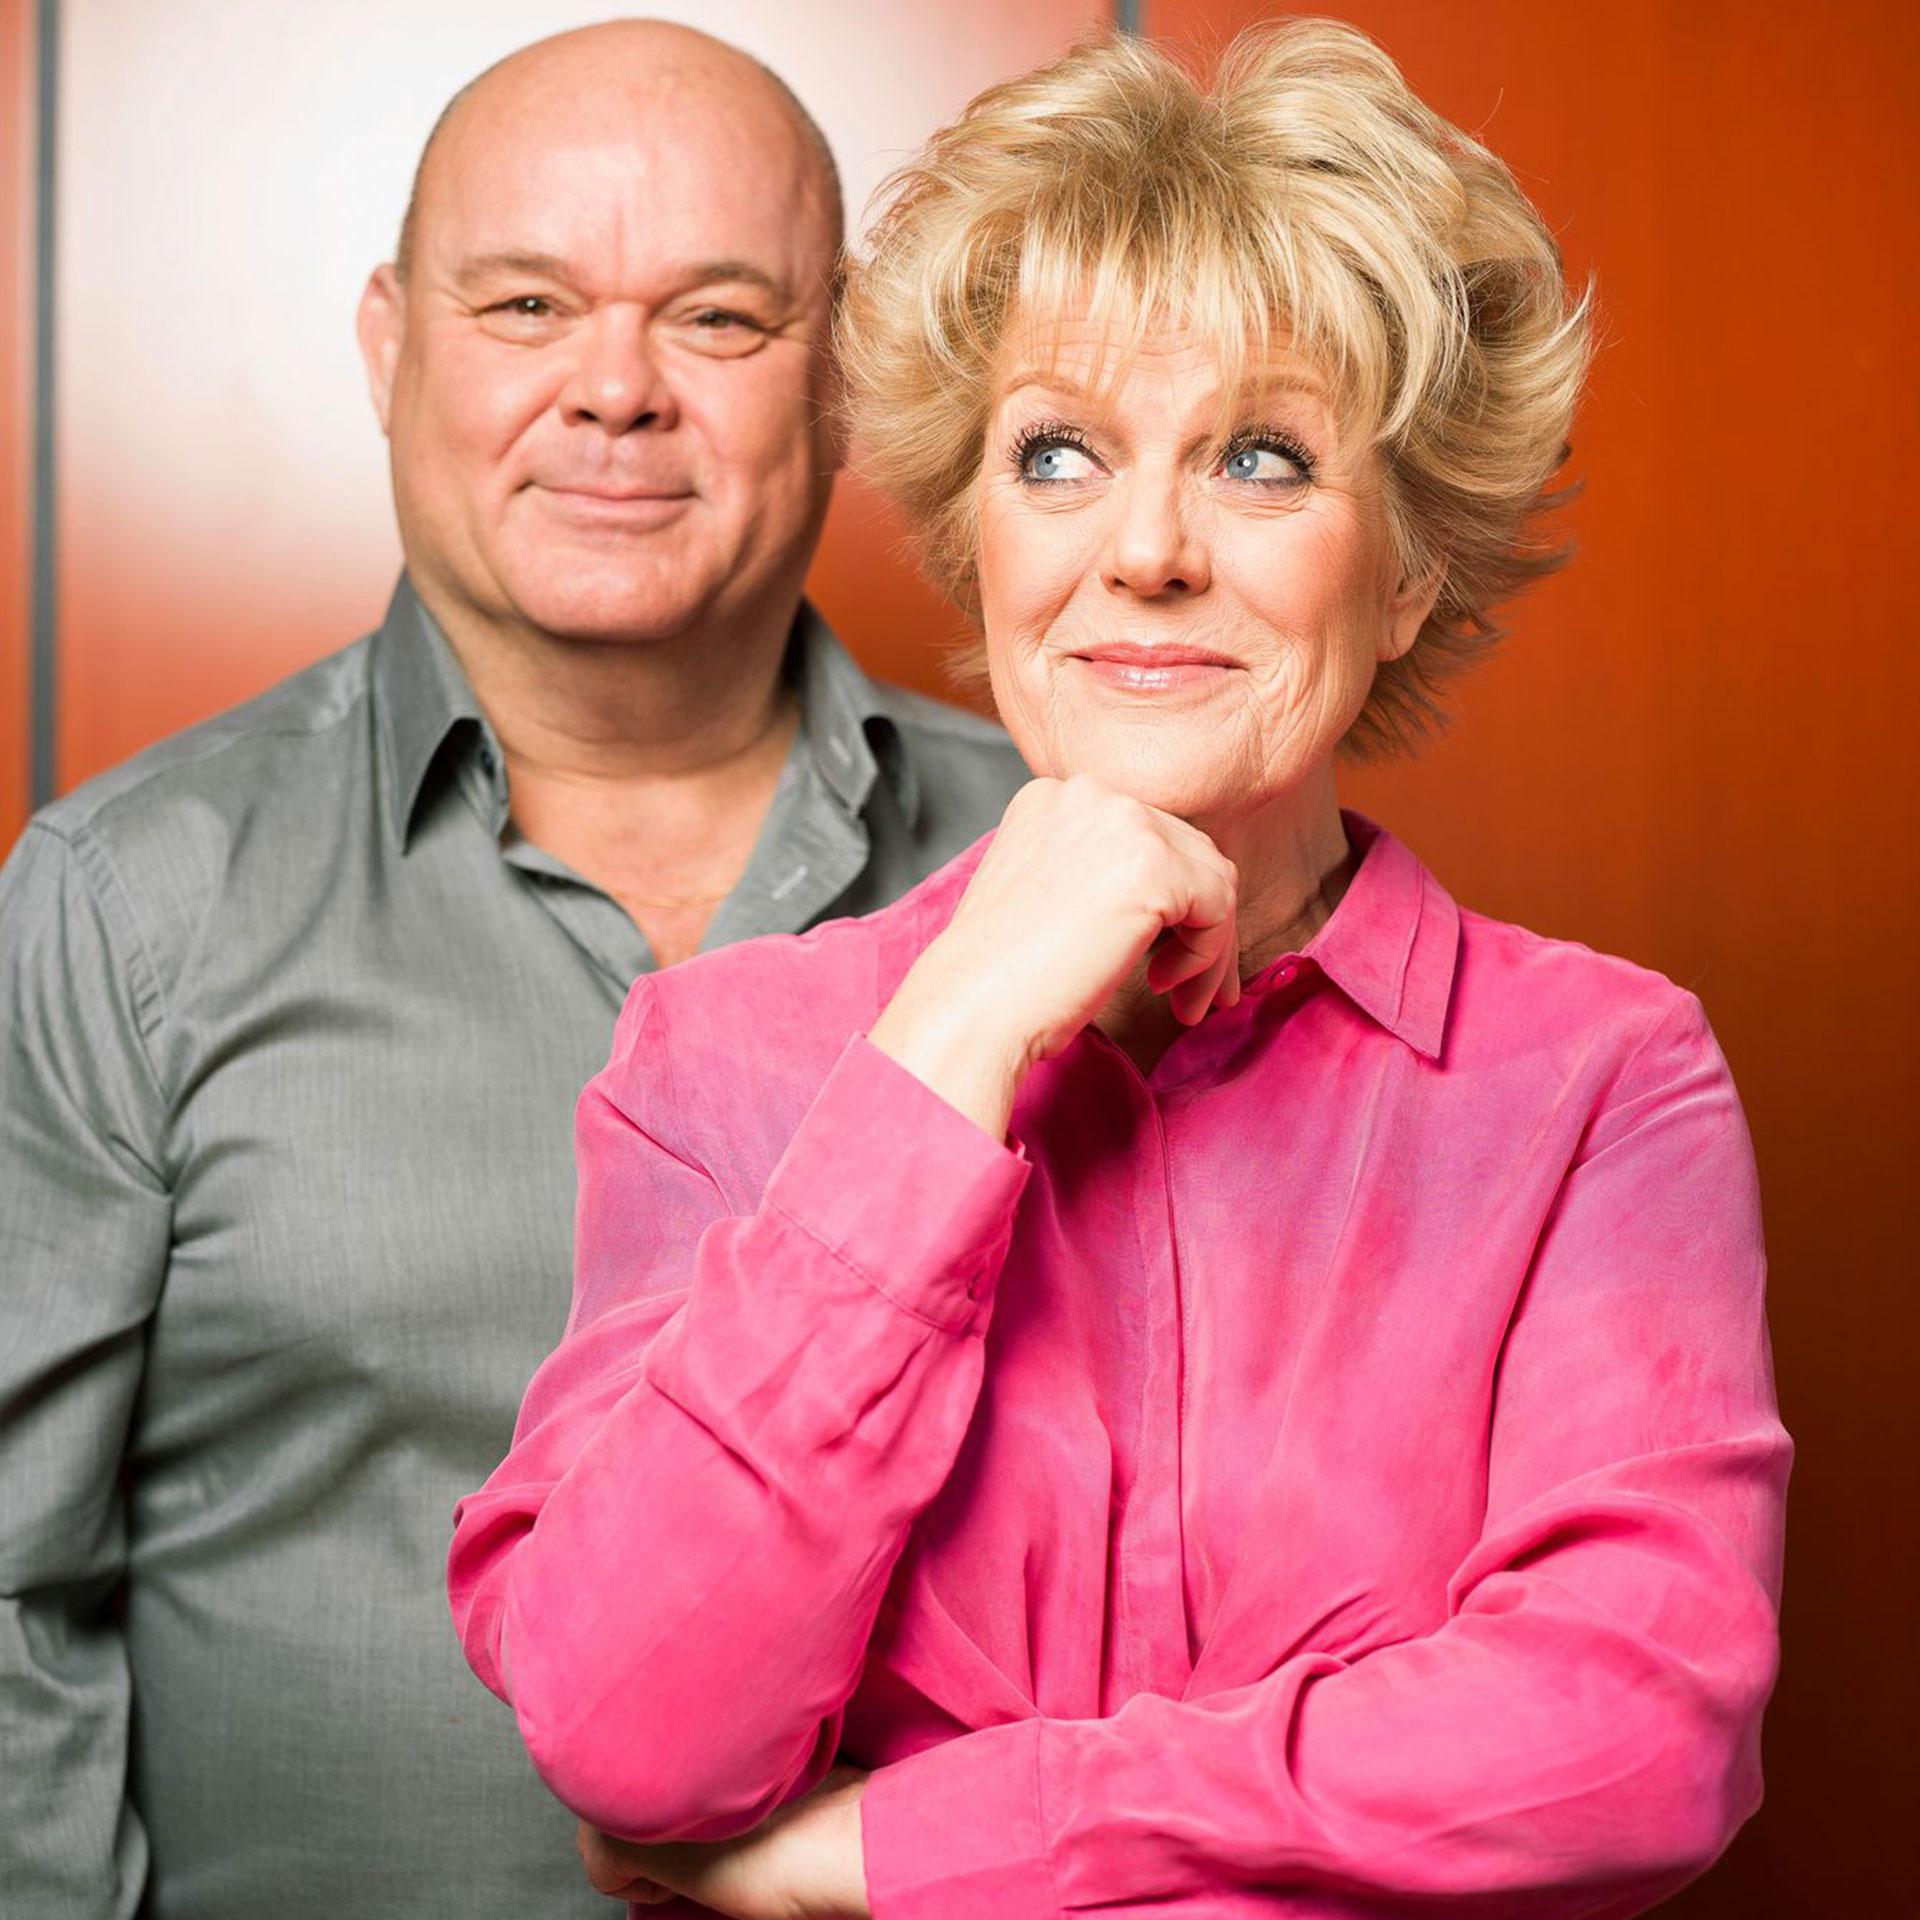 Paul de Leeuw en Simone Kleinsma. Fotografie Merlijn Doomernik.